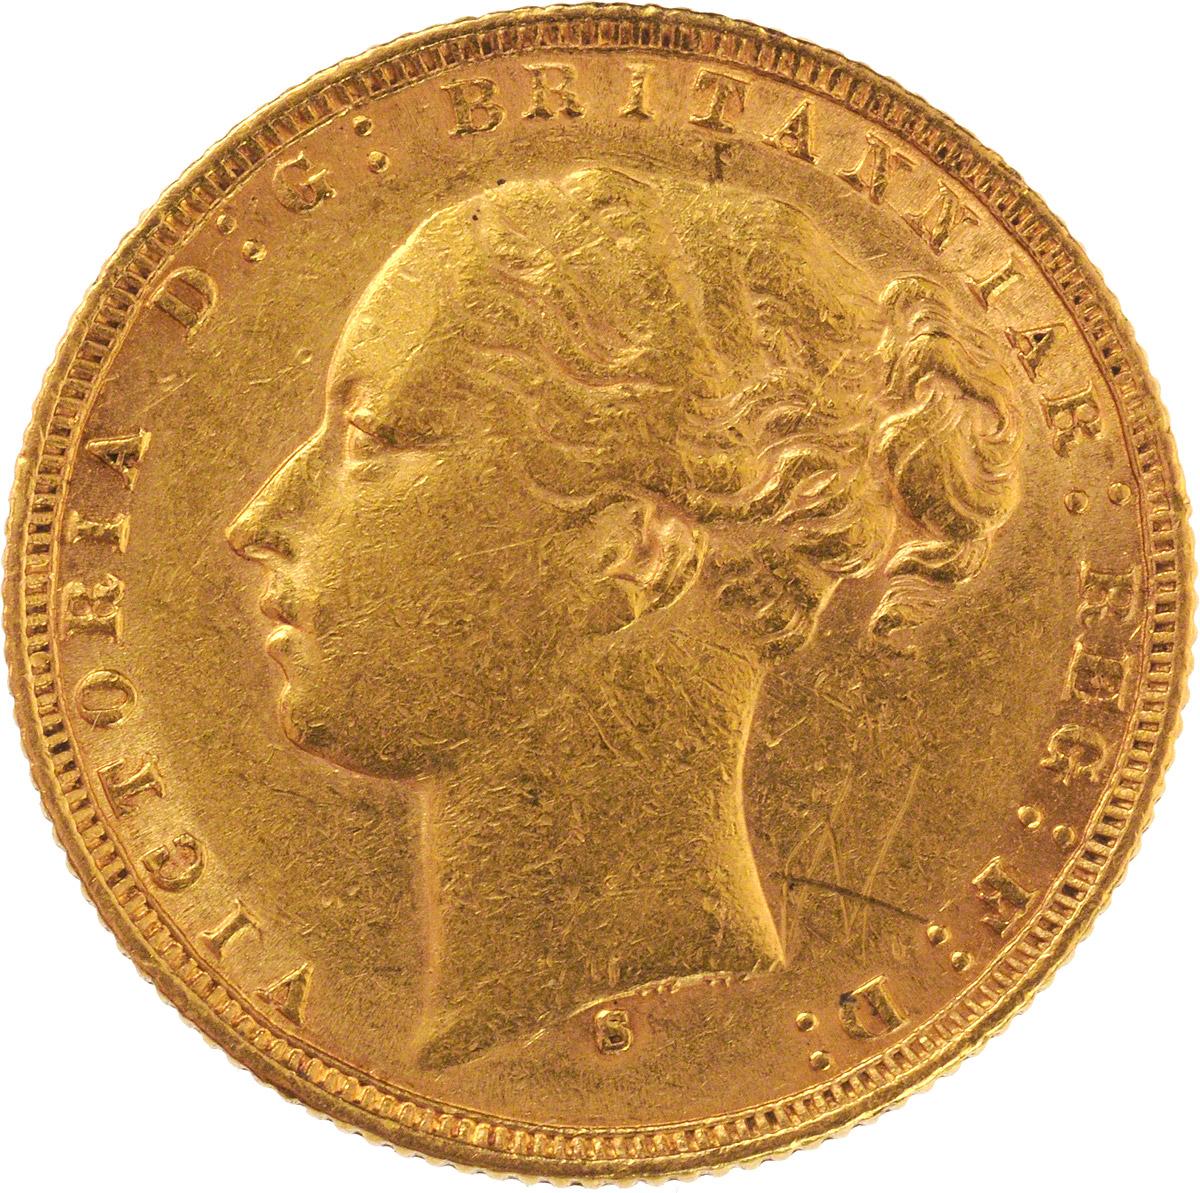 1875 Βικτώρια (Νομισματοκοπείο Σίδνεϊ)